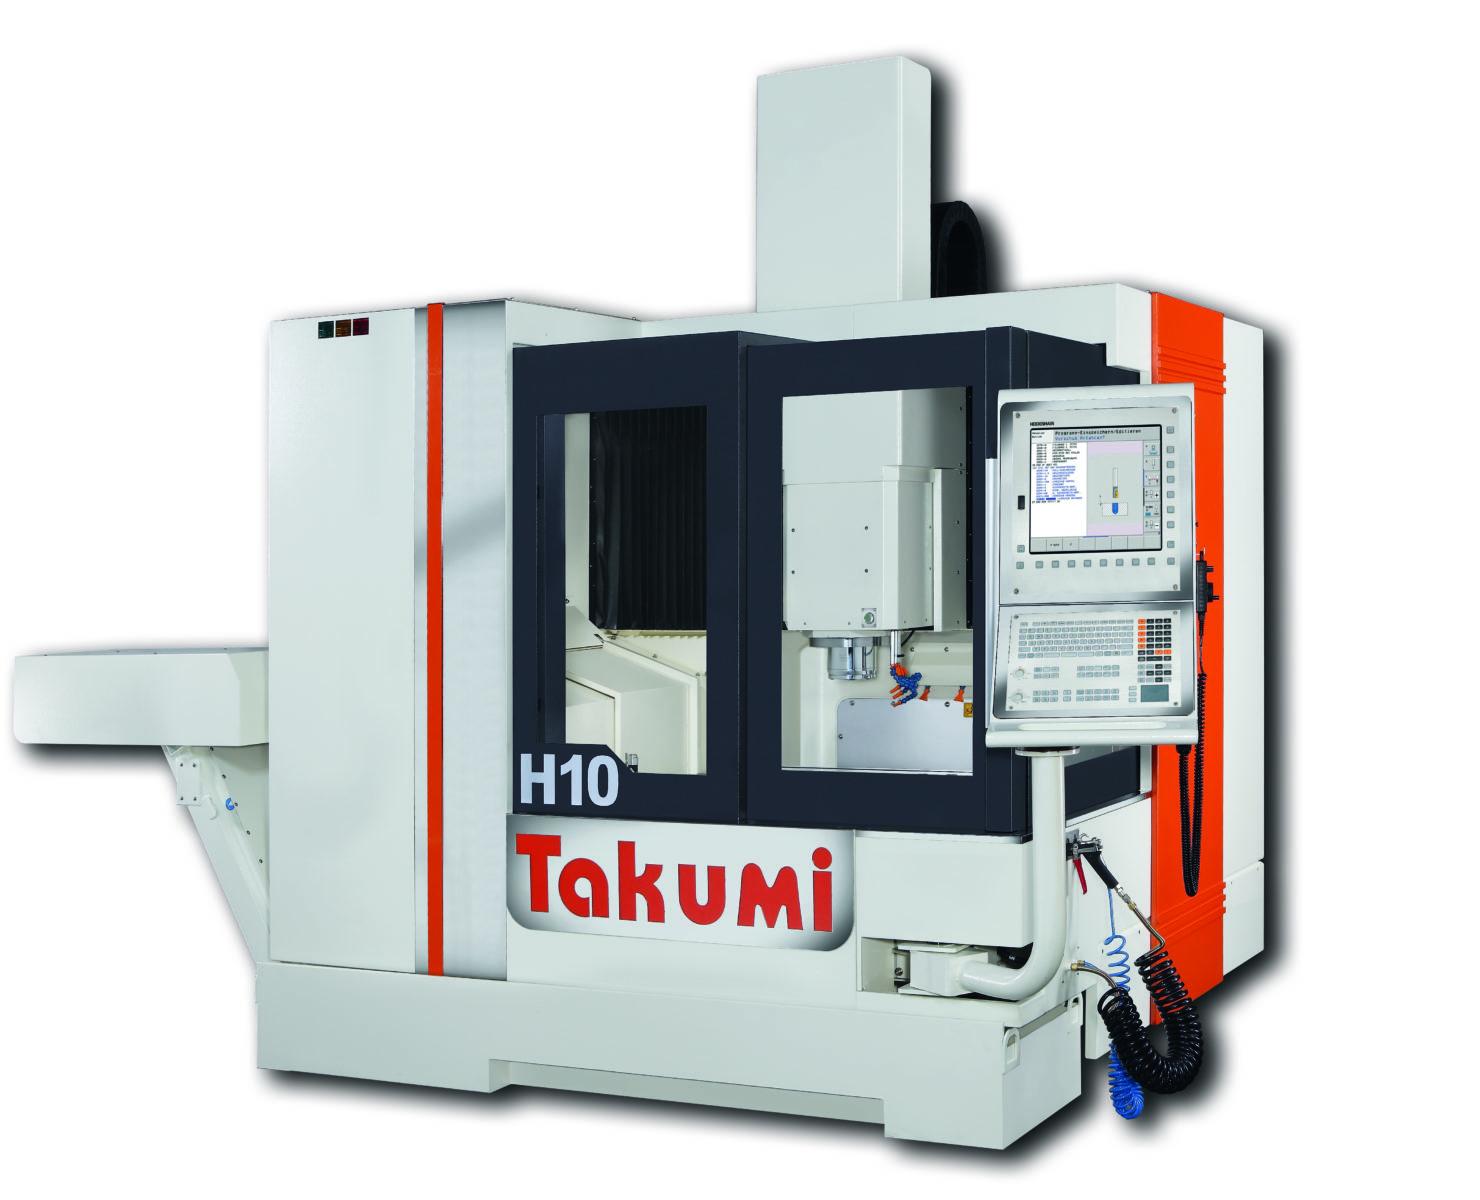 Takumi H10: 3-Achs-BAZ mit Heidenhain-Steuerung  für den Werkzeug- und Formenbau